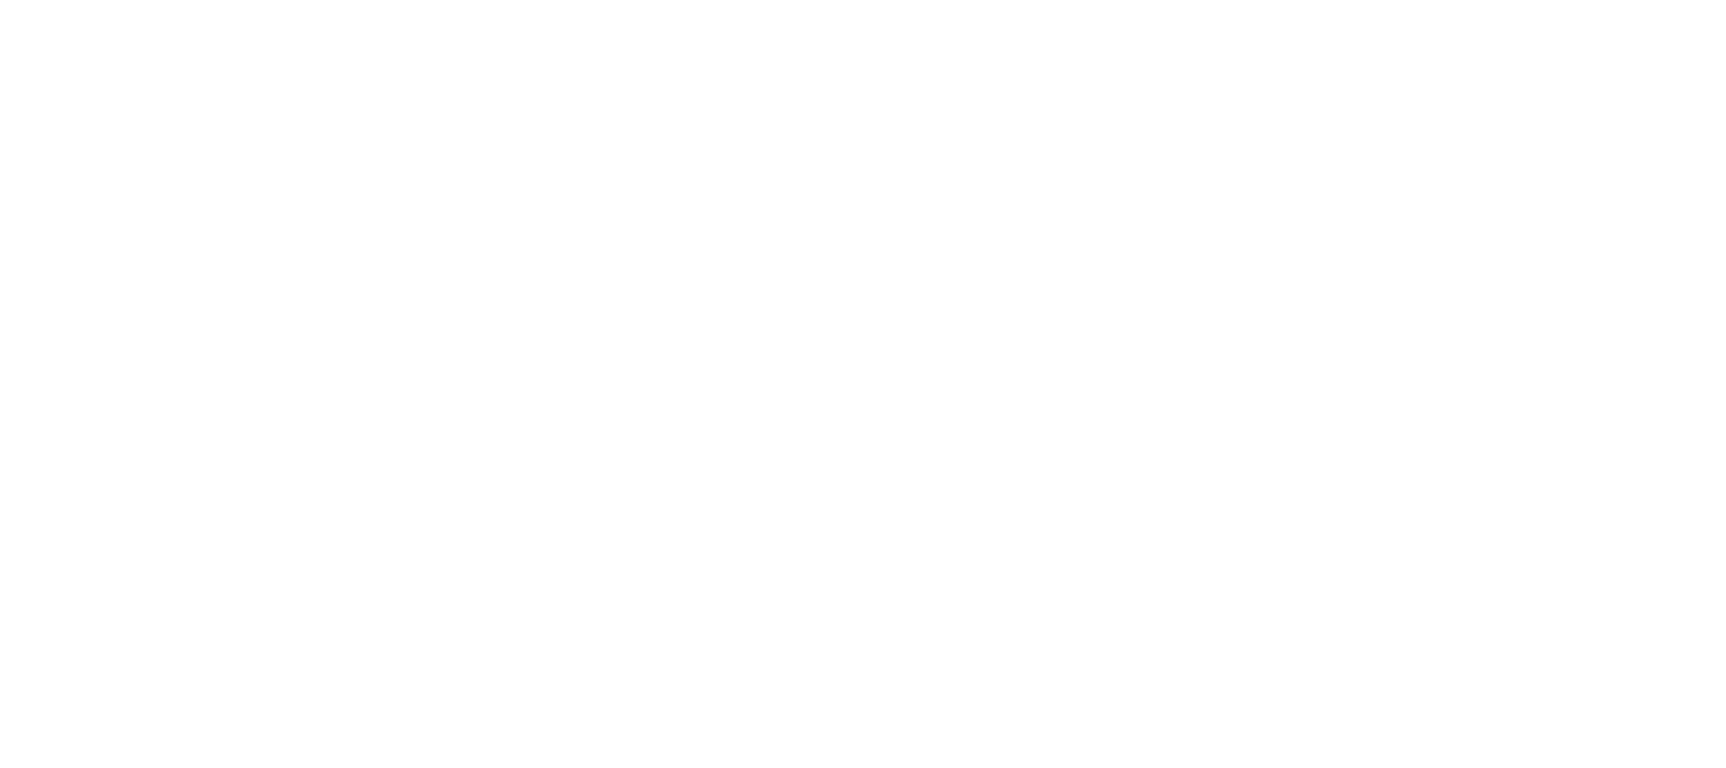 GTMA White